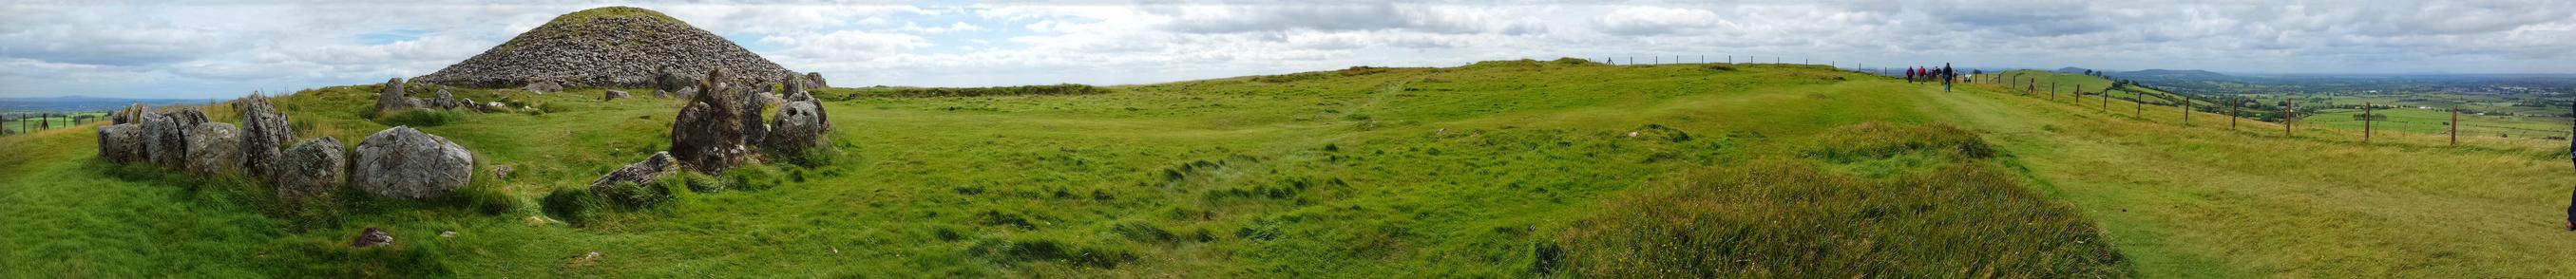 Loughcrew Passage Tombs - Panorama